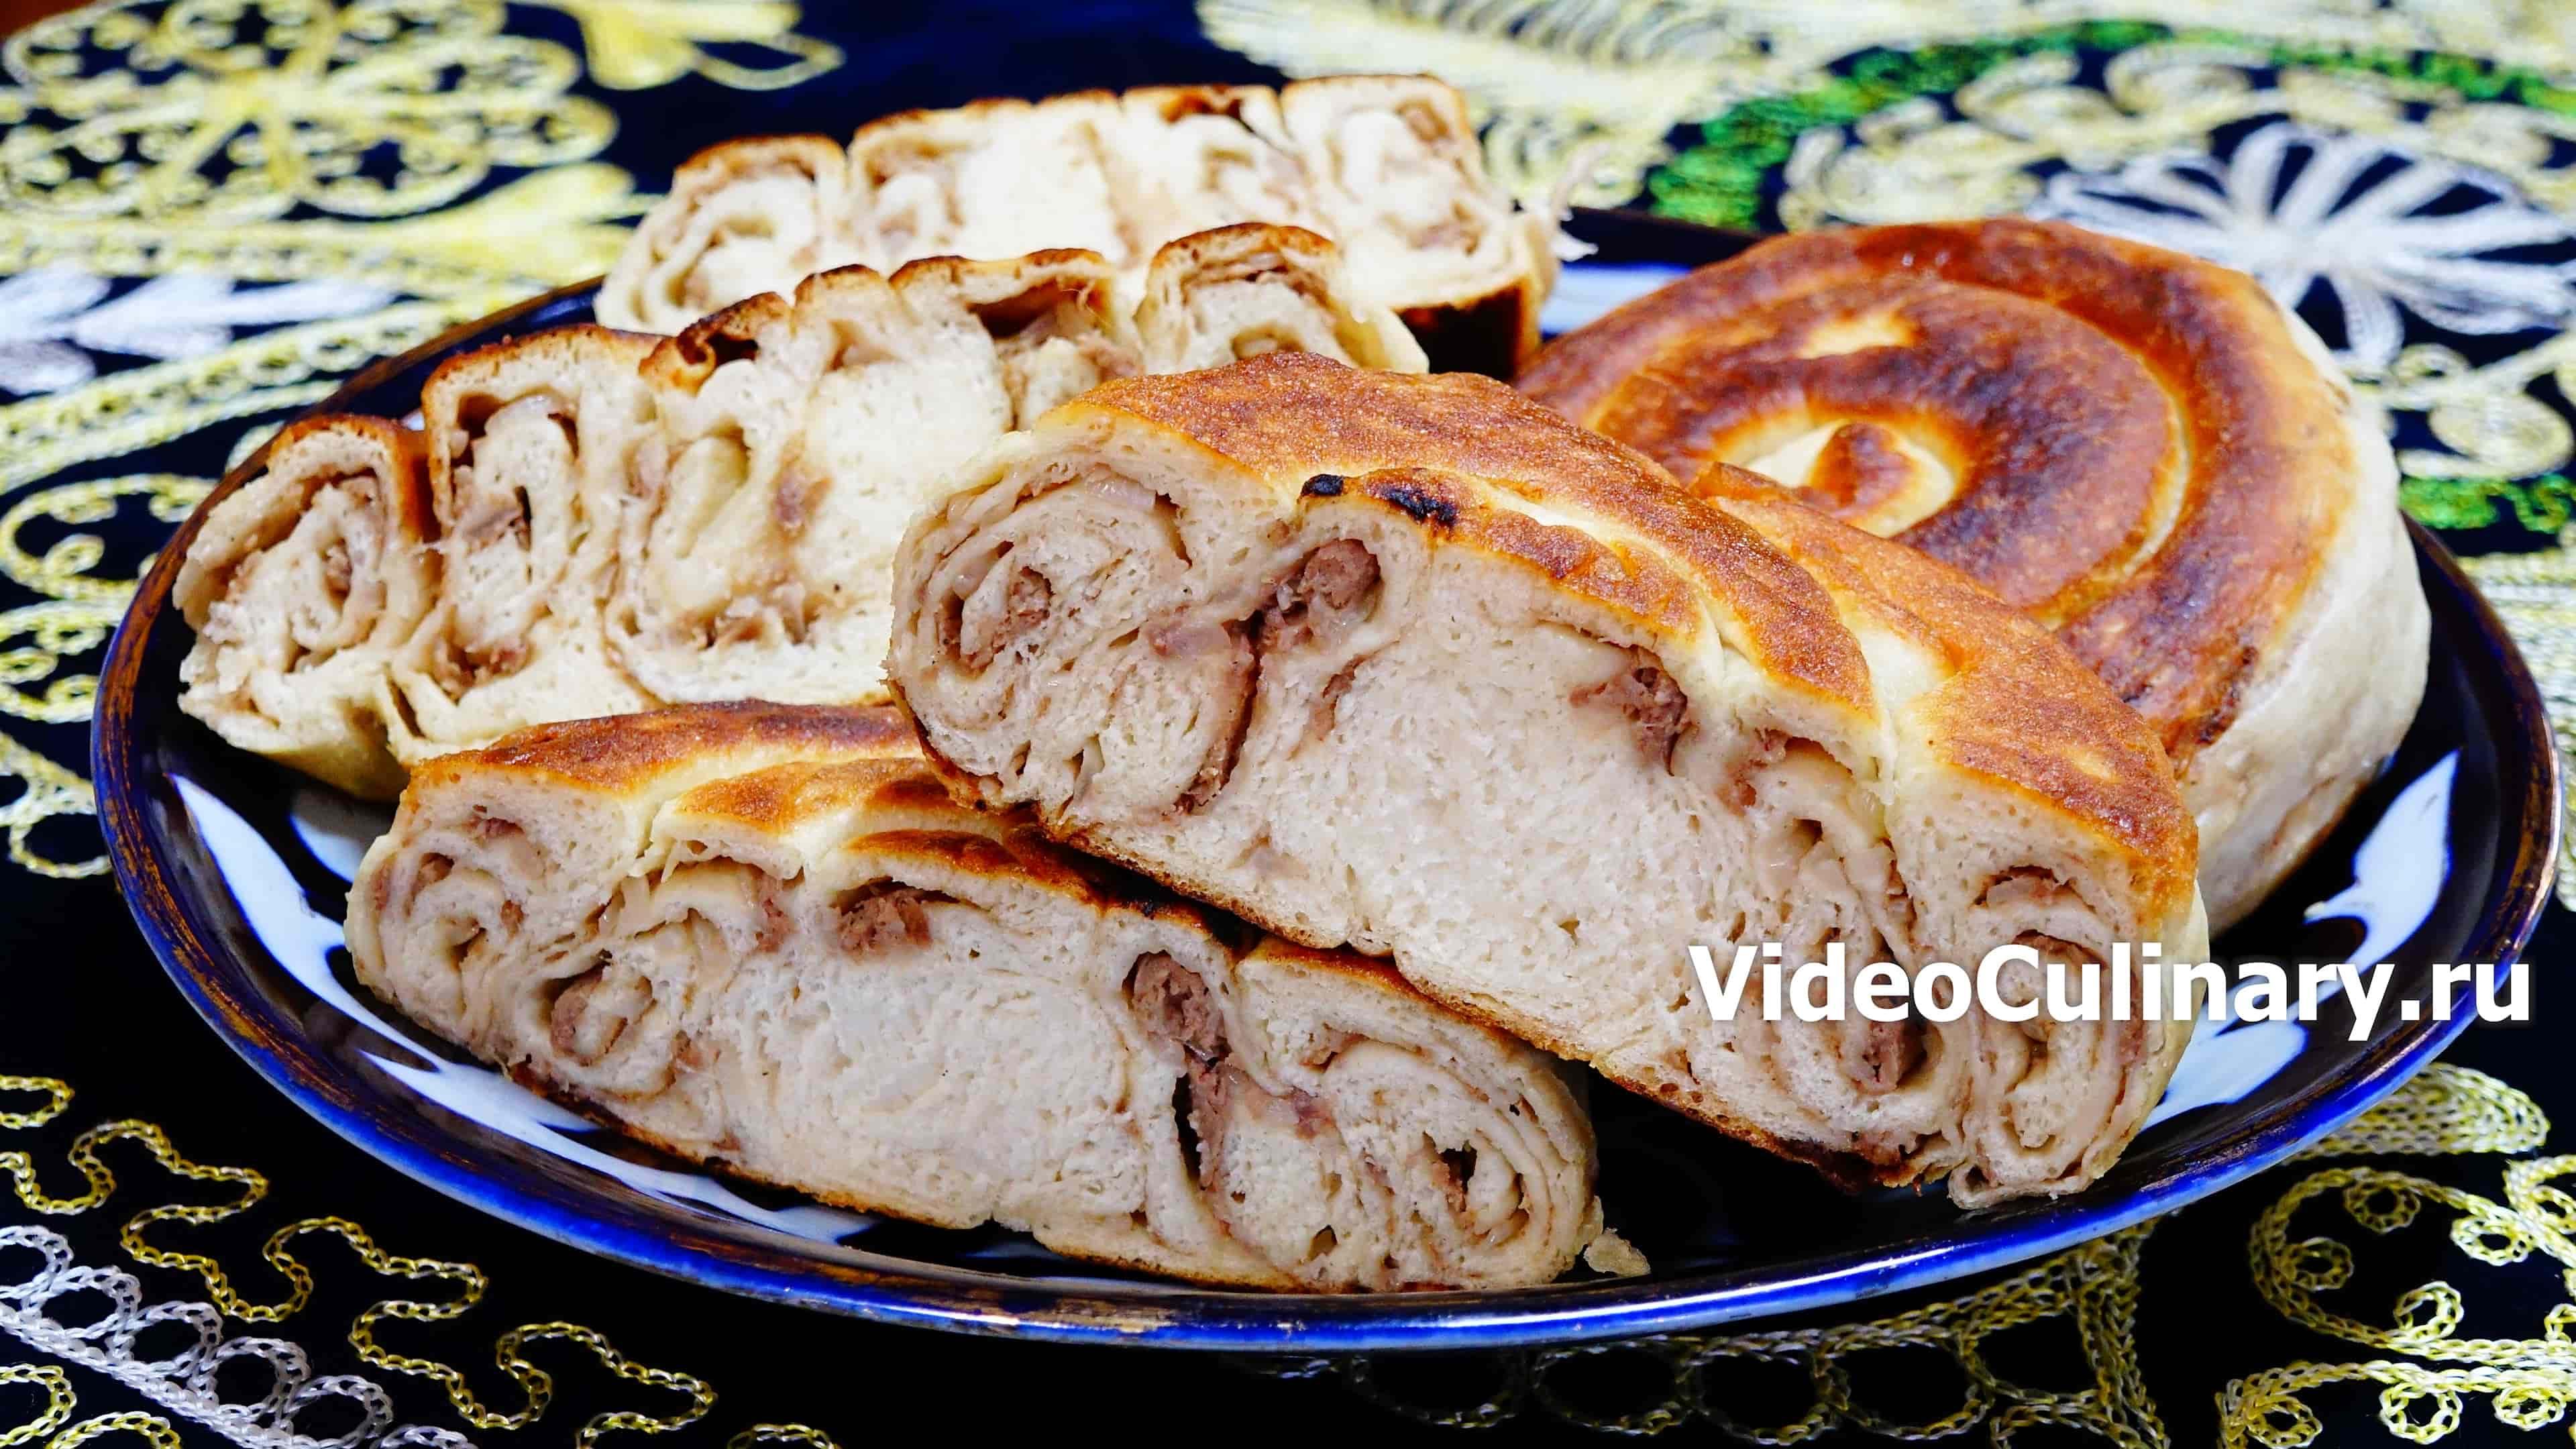 Жареная лепешка с мясом